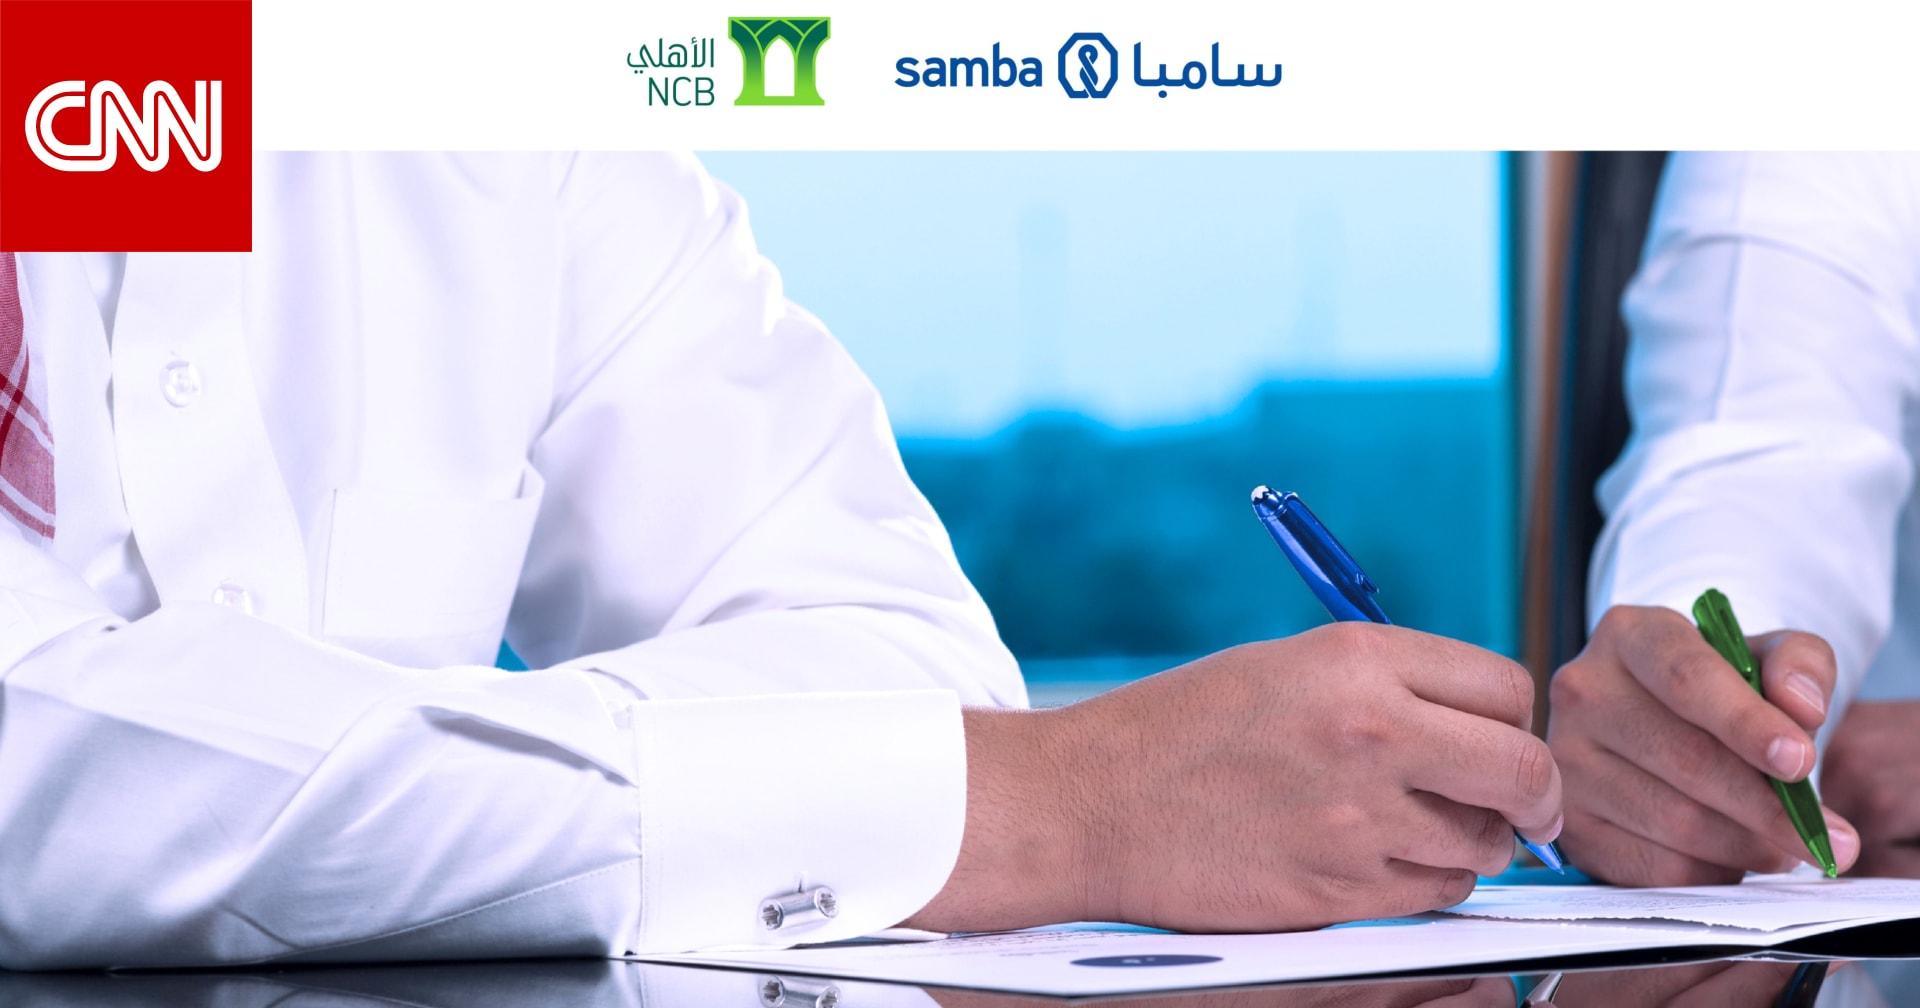 في السعودية.. مساهمو البنك الأهلي التجاري ومجموعة سامبا المالية يصوتون لاندماج البنكين